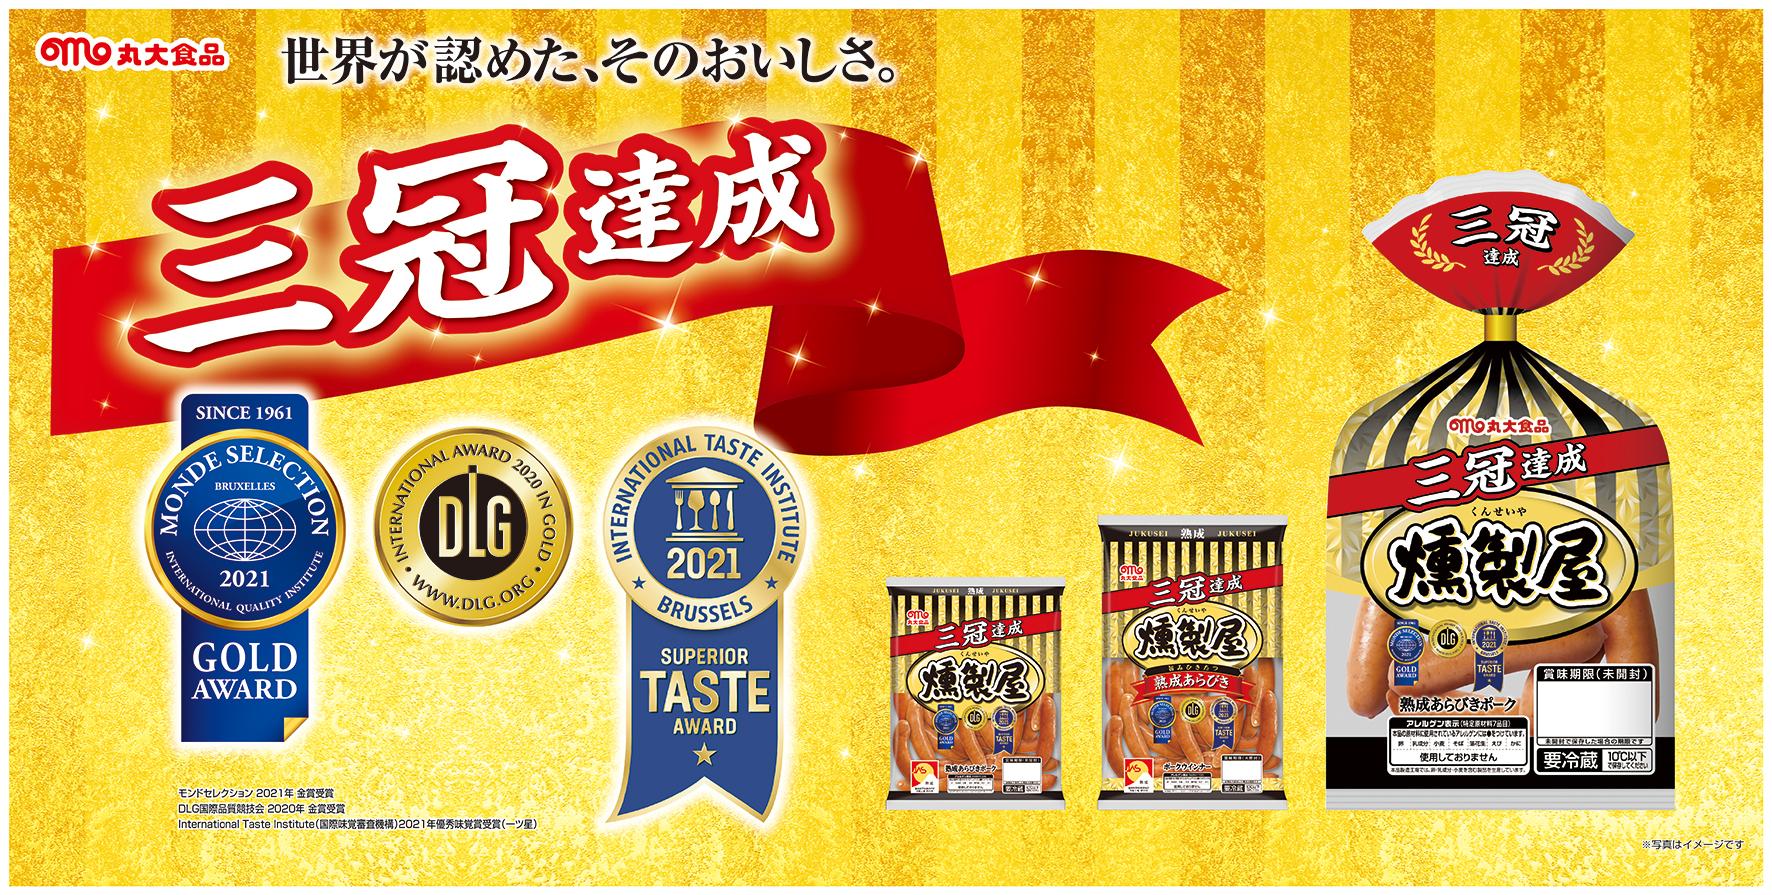 新パッケージで国際評価PR 丸大食品、品評会「三冠達成」で 画像1